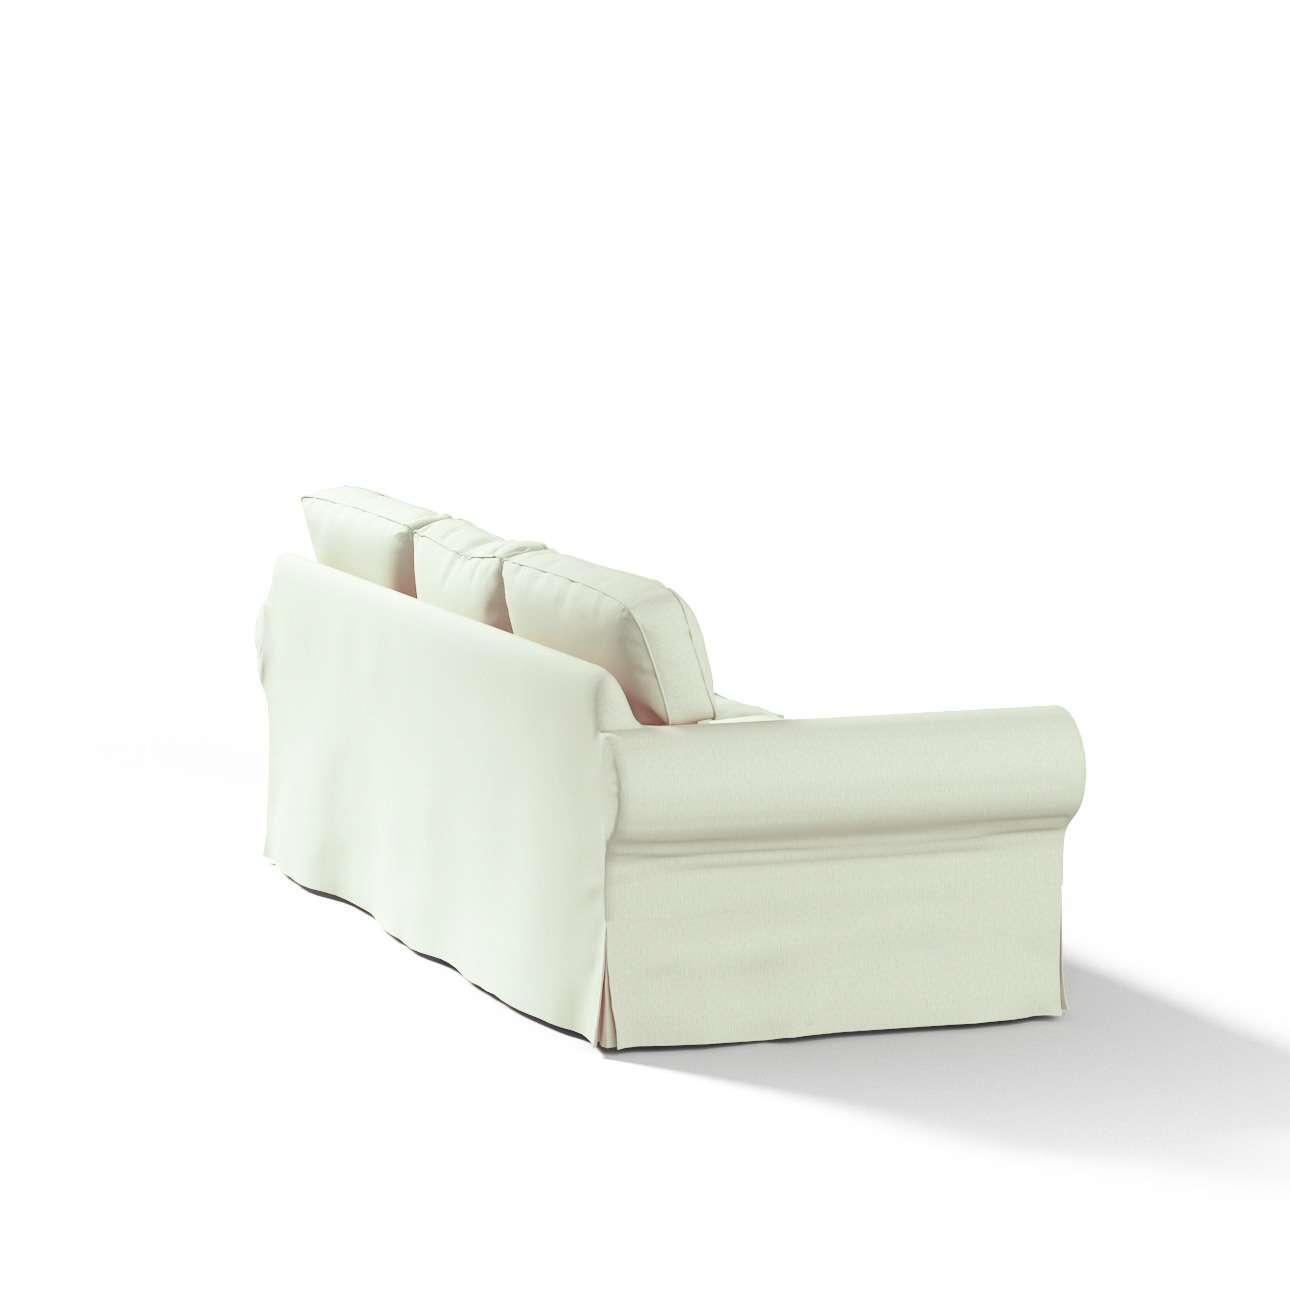 Bezug für Ektorp 3-Sitzer Sofa nicht ausklappbar von der Kollektion Chenille, Stoff: 702-22